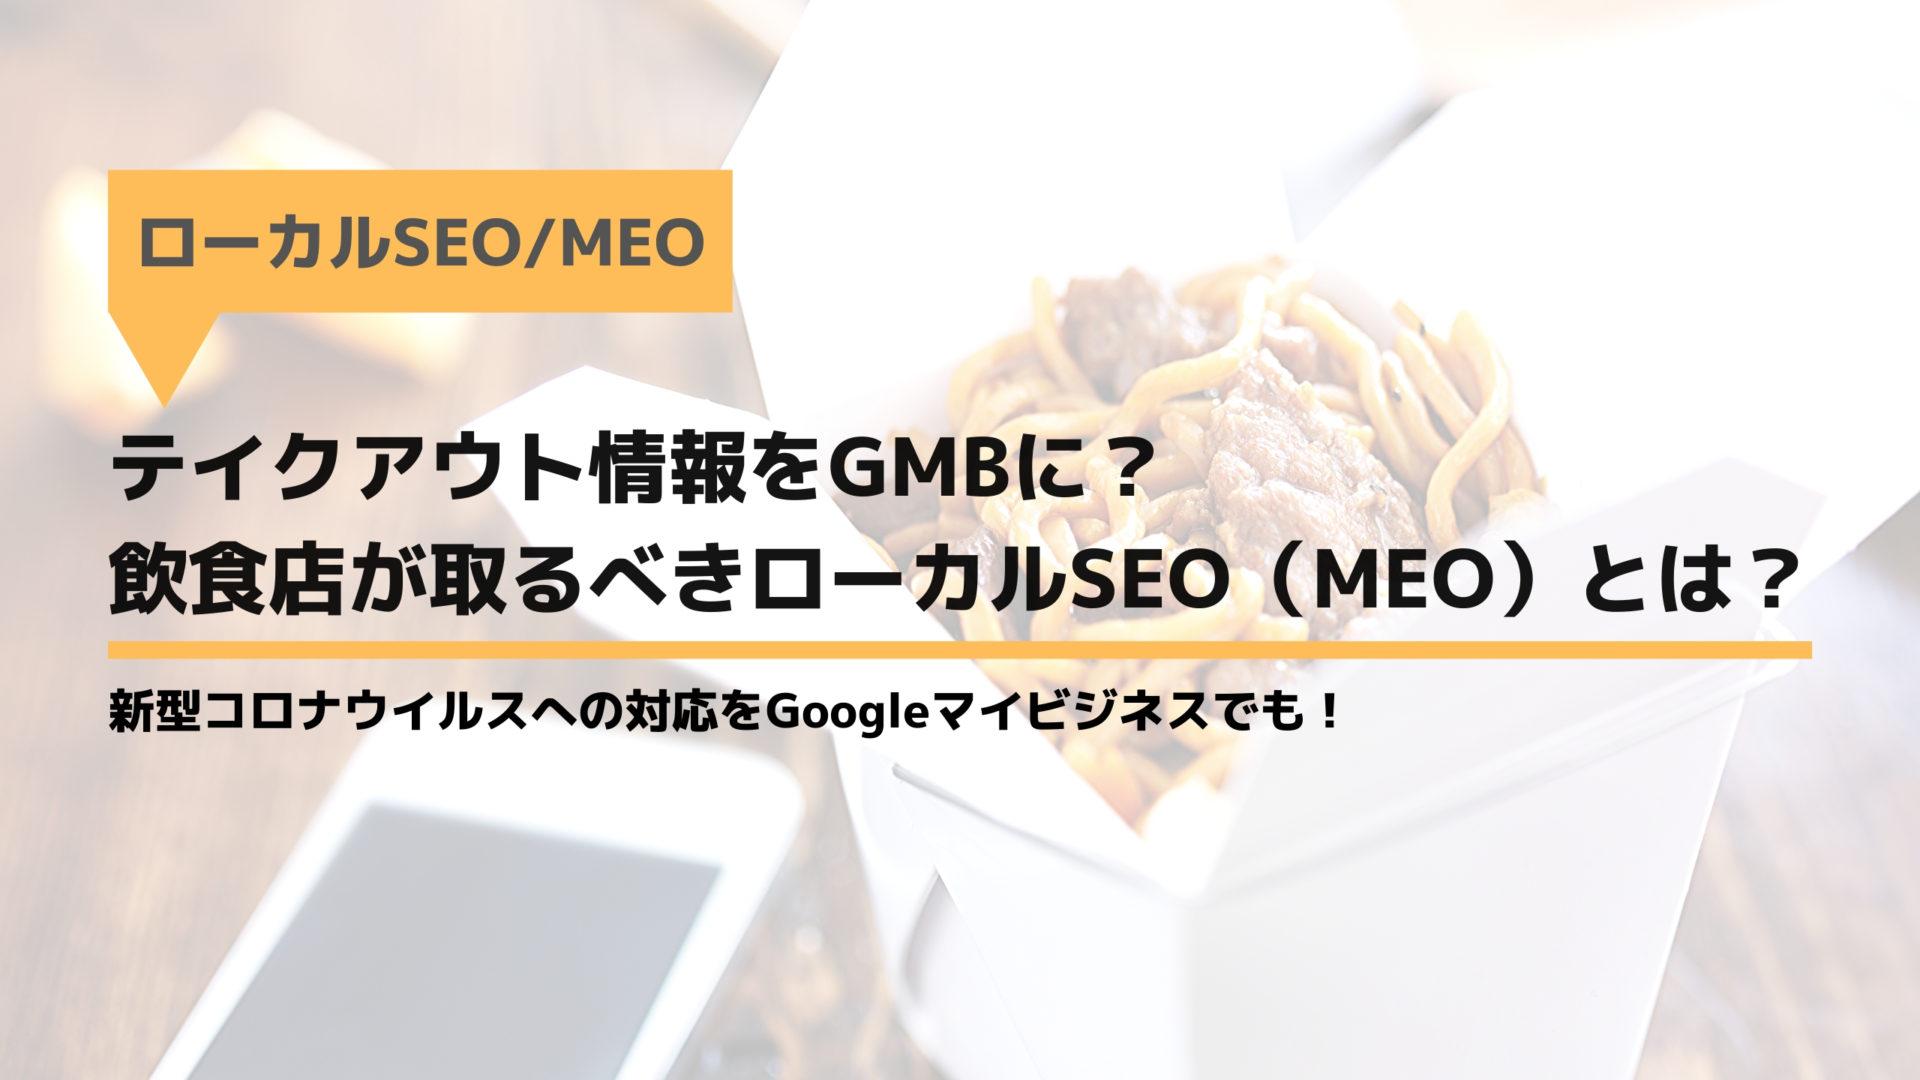 テイクアウト情報をGMBに?飲食店が取るべきローカルSEO(MEO)とは?